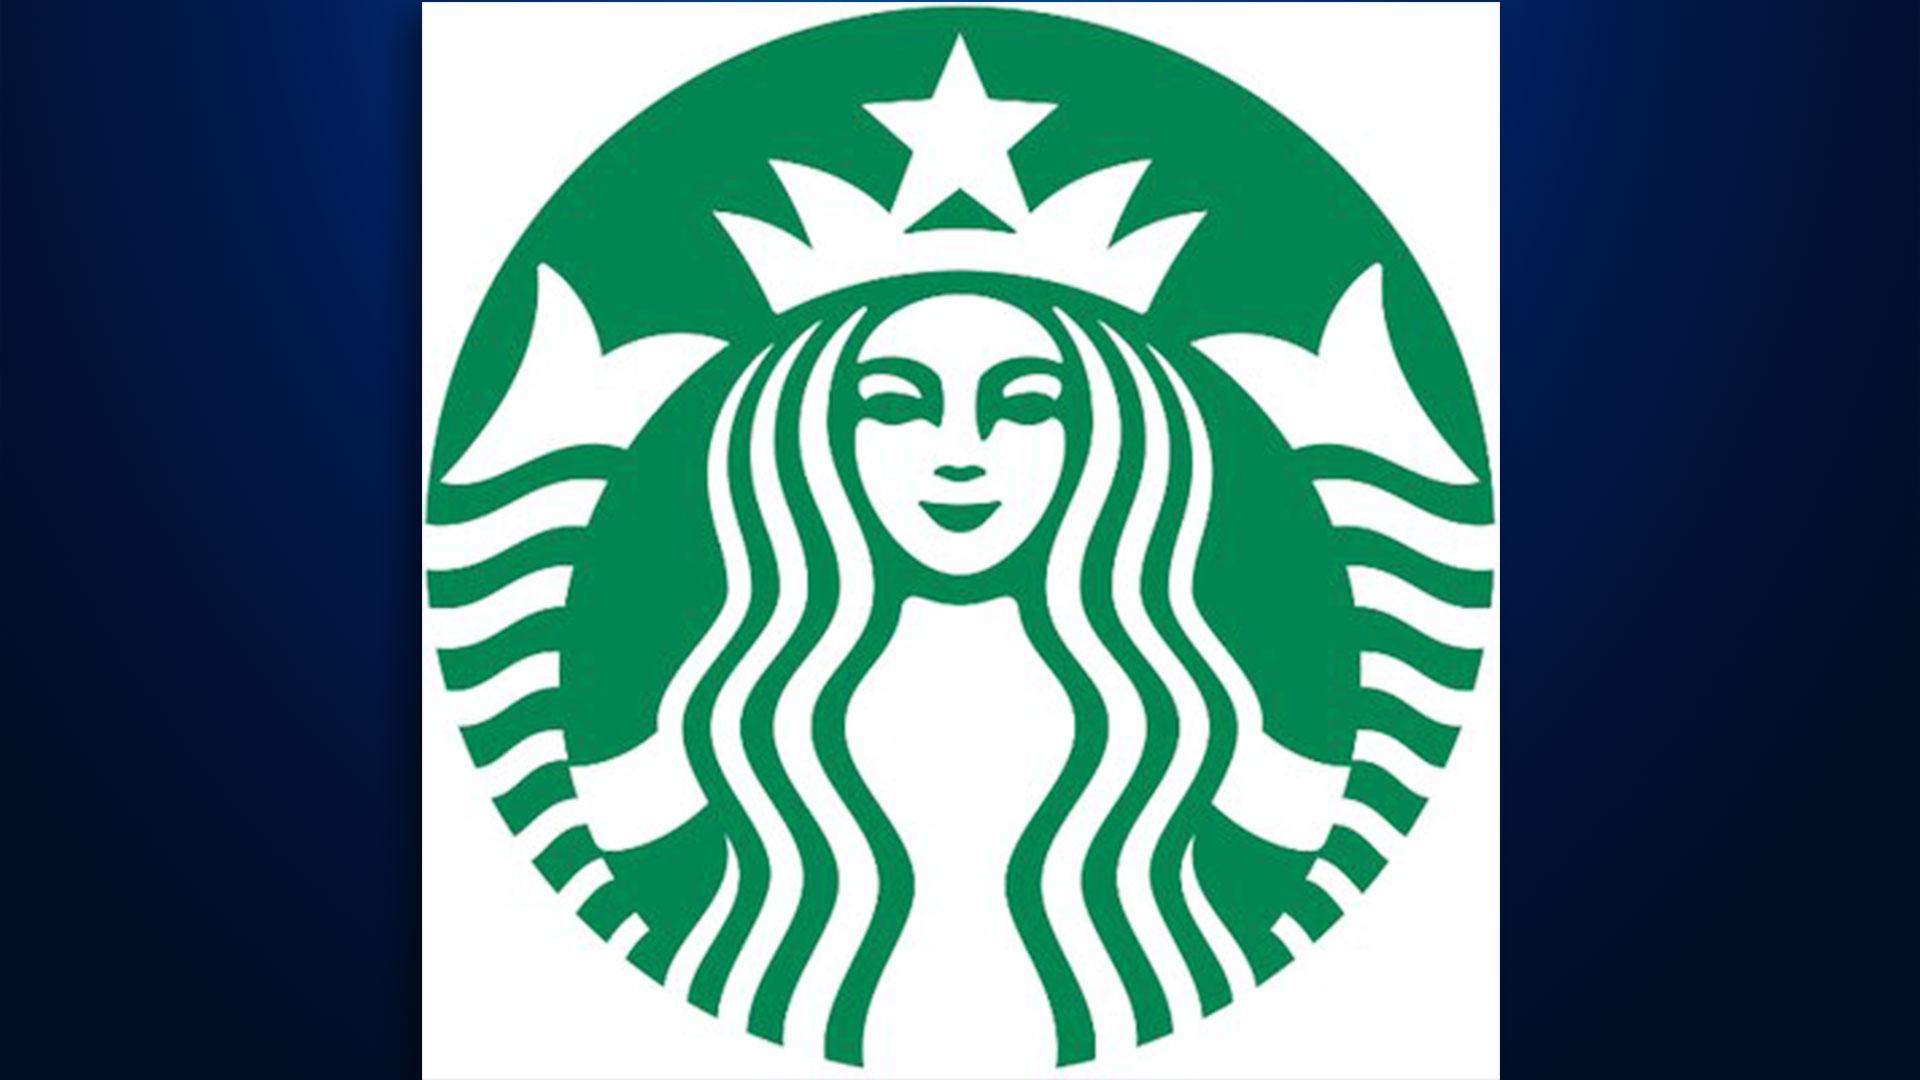 KELO Starbucks Logo